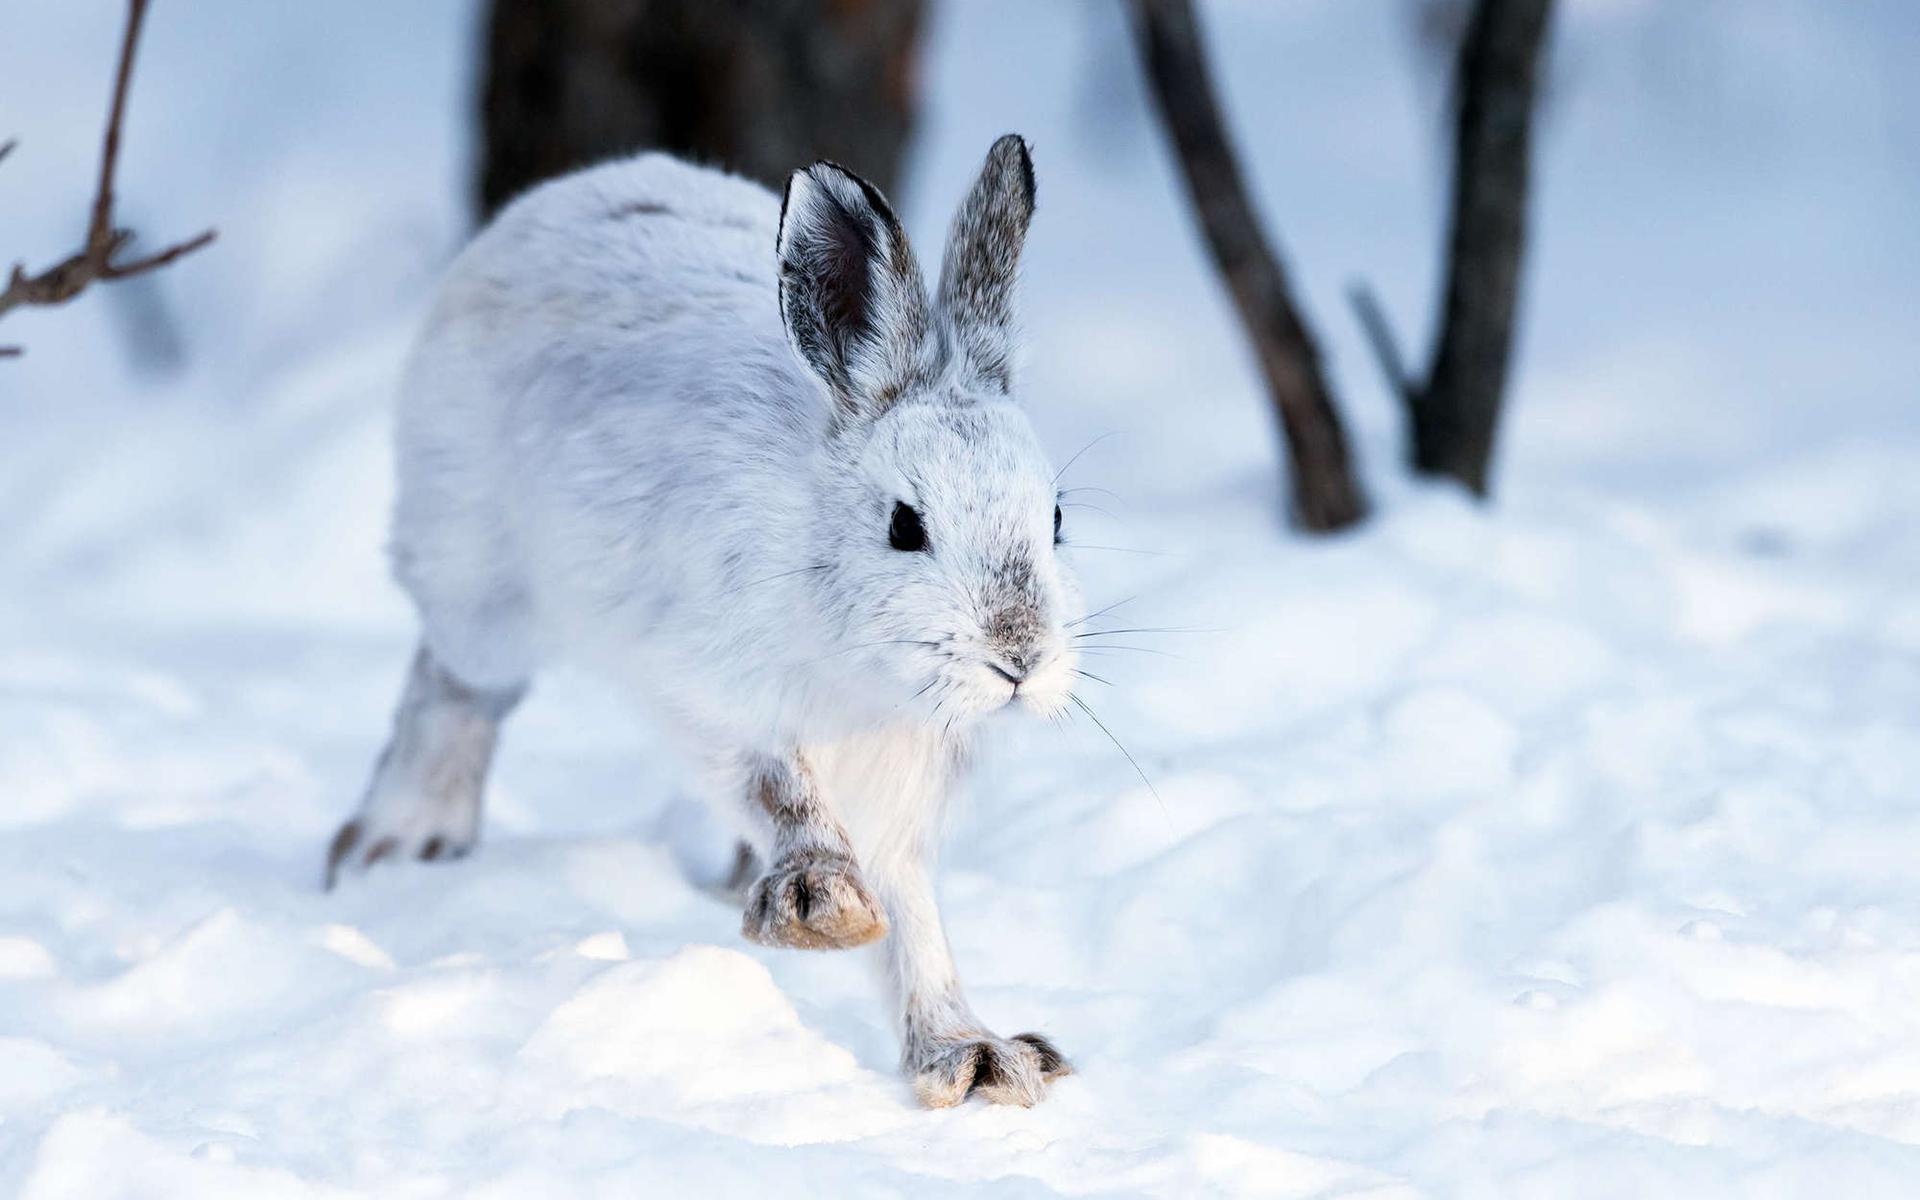 красивые картинки зайца зимой кожа